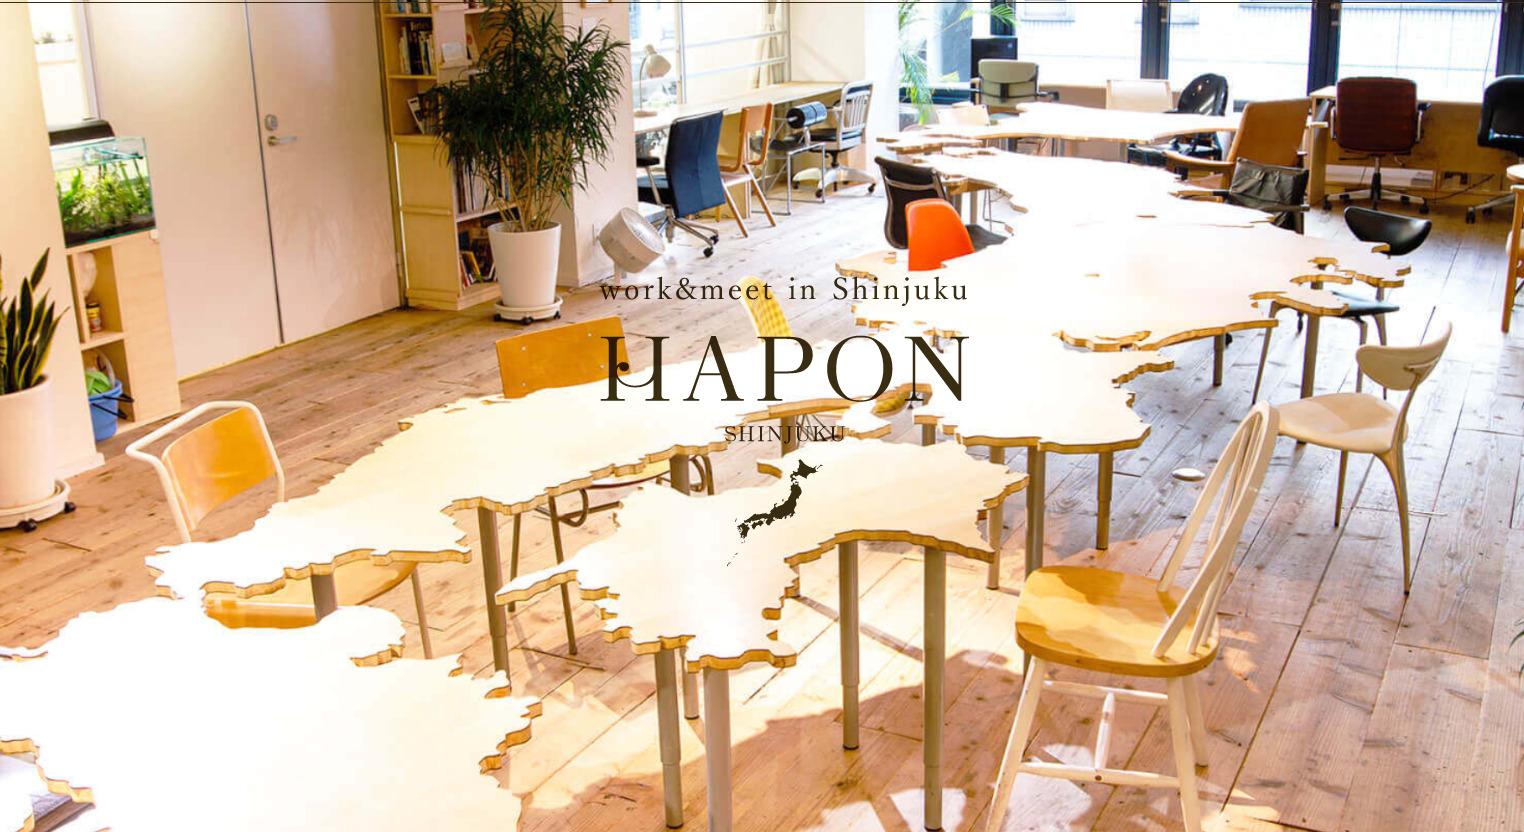 シェアオフィス HAPON新宿